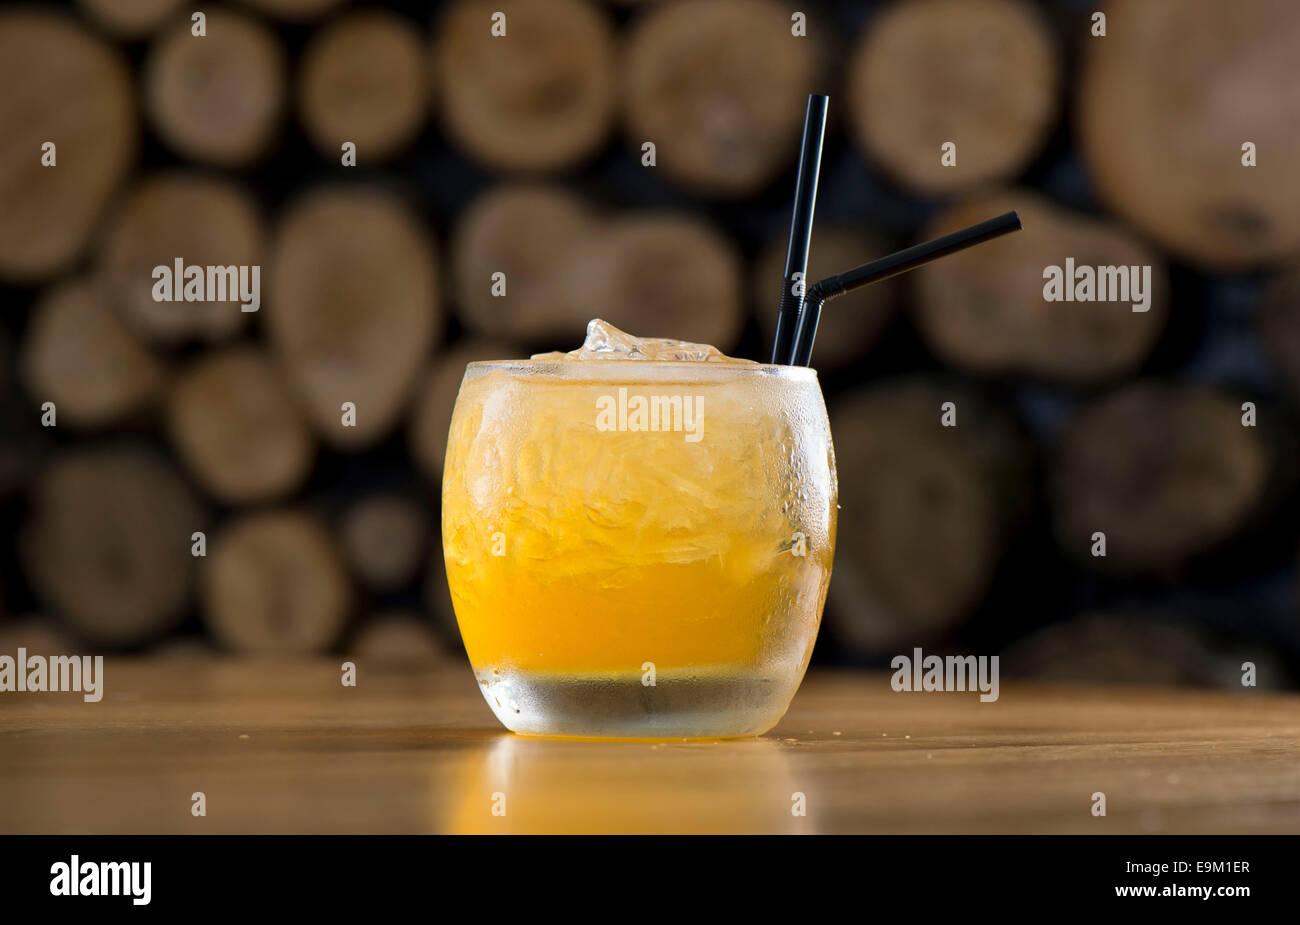 Un Giallo mango orange cocktail drink con una cannuccia. Immagini Stock